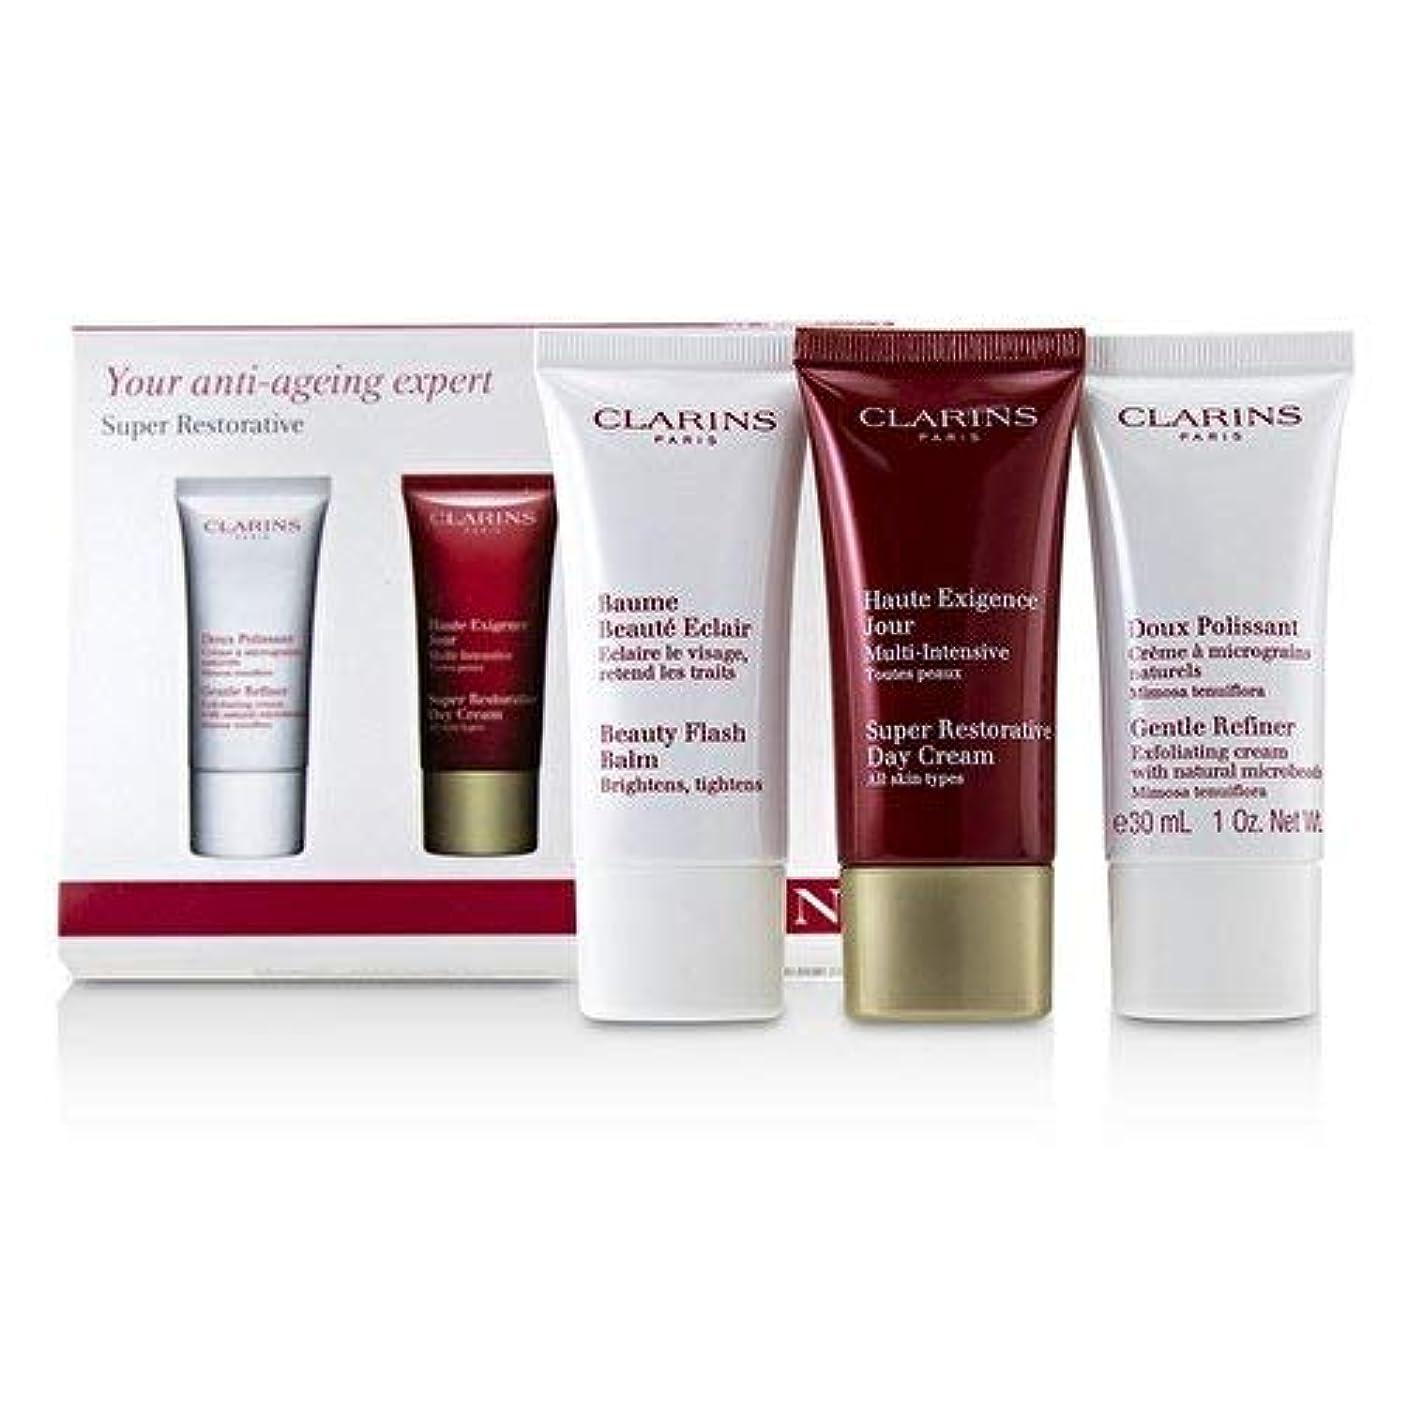 社員失敗予想するクラランス Super Restorative 50+ Anti-Ageing Skincare Set: Gentle Refiner 30ml+Super Restorative Day Cream 30ml+Beauty Flash Balm 30ml 3pcs並行輸入品